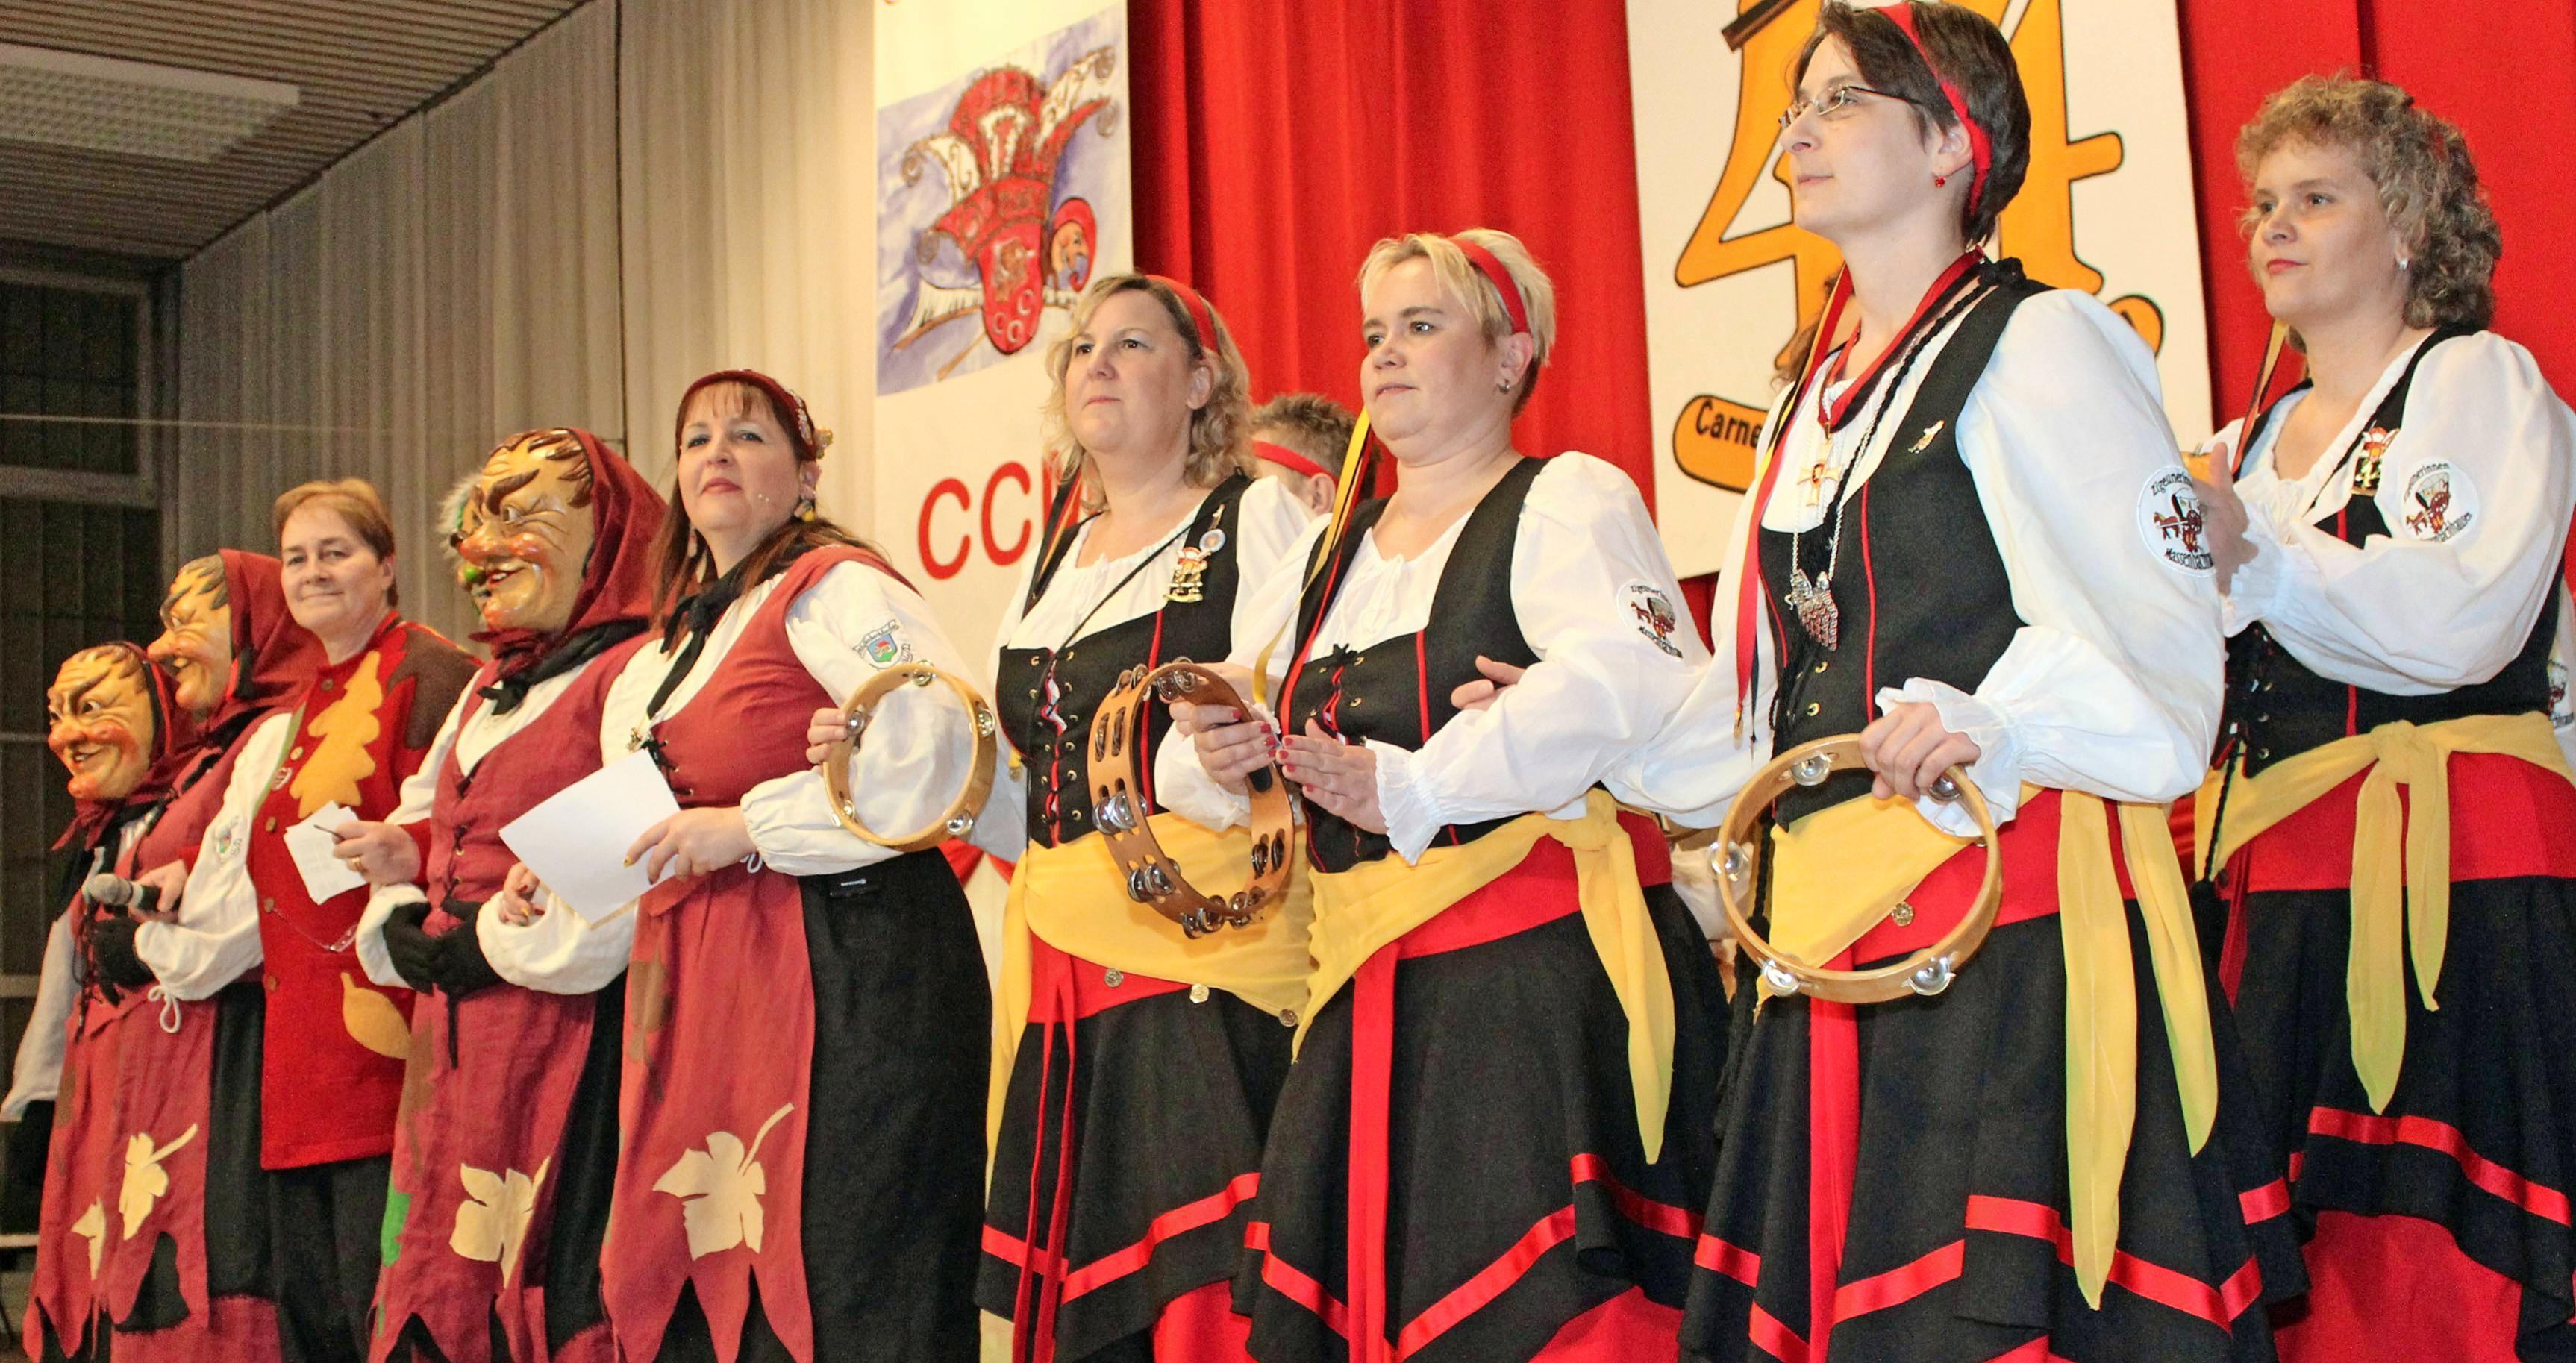 Massenbachhausener sind Zigeuner: Der Spitzname stand auch Pate für eine Brauchtumsgruppe des Carnevalclubs, die 1973 ins Leben gerufen wurde. Foto: Archiv/Muth